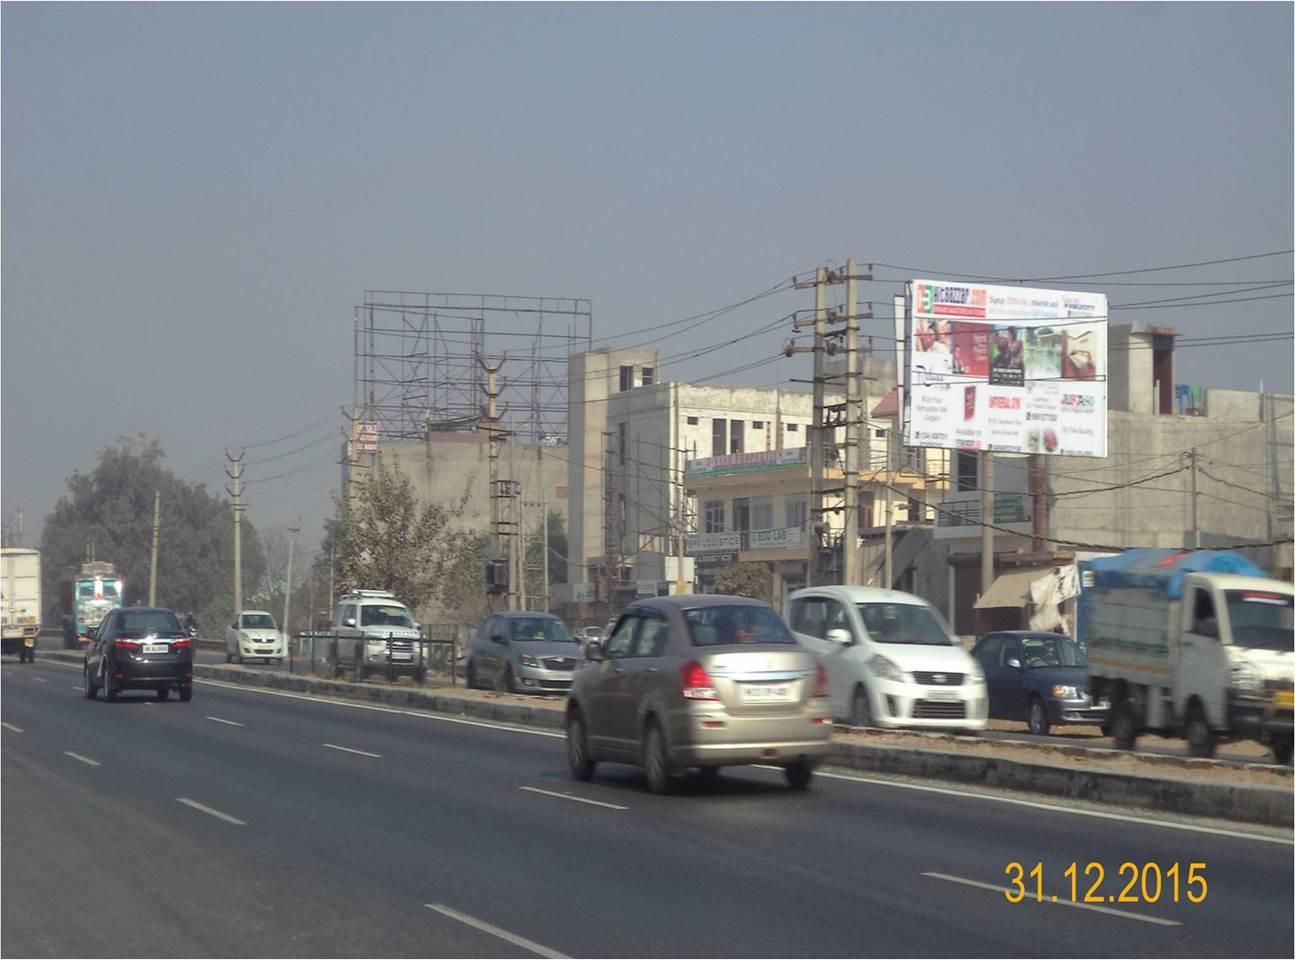 NH-8, Gurgaon